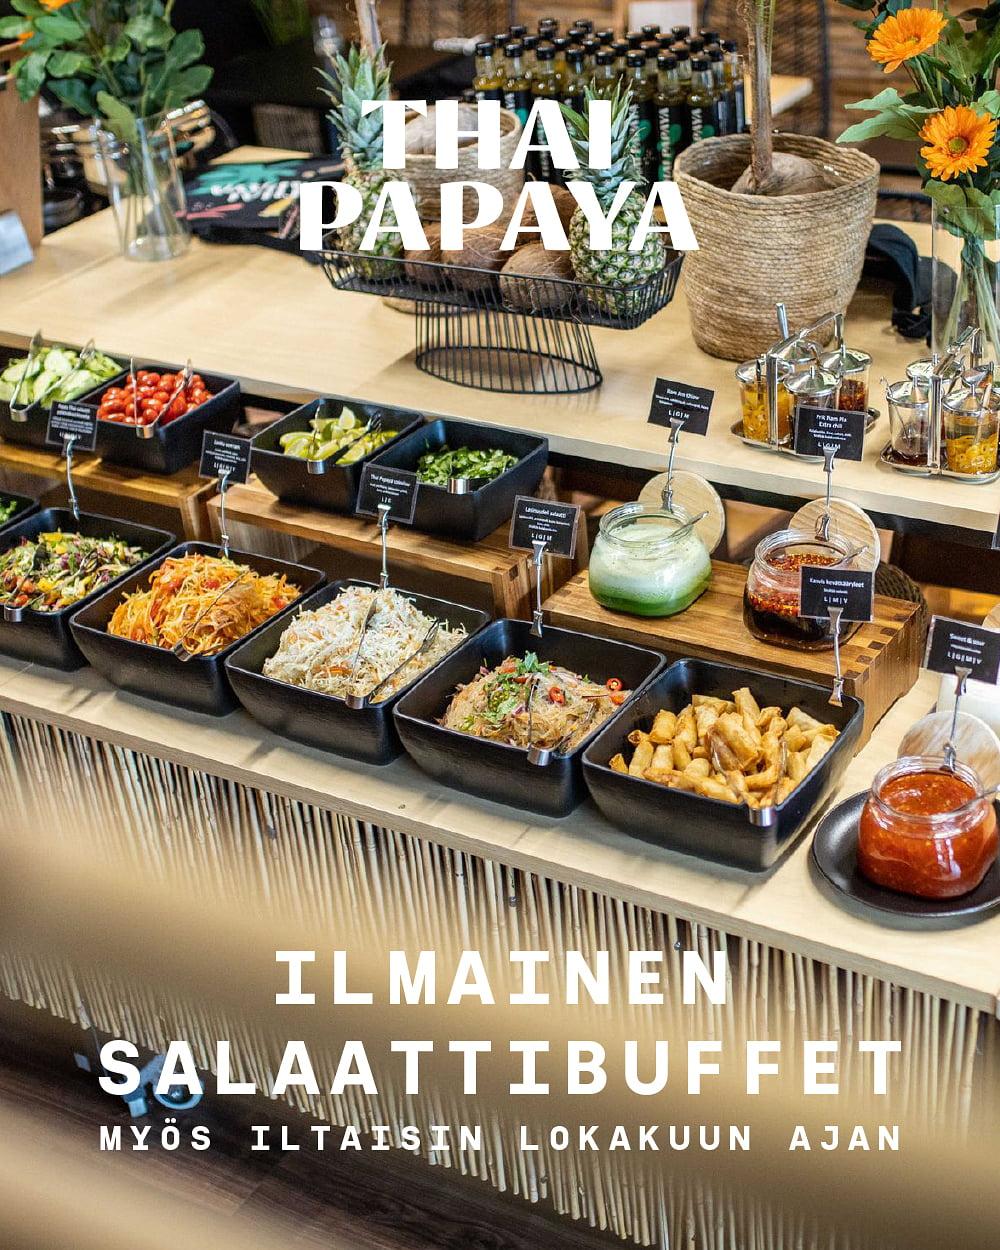 Ilmainen salaattibuffet